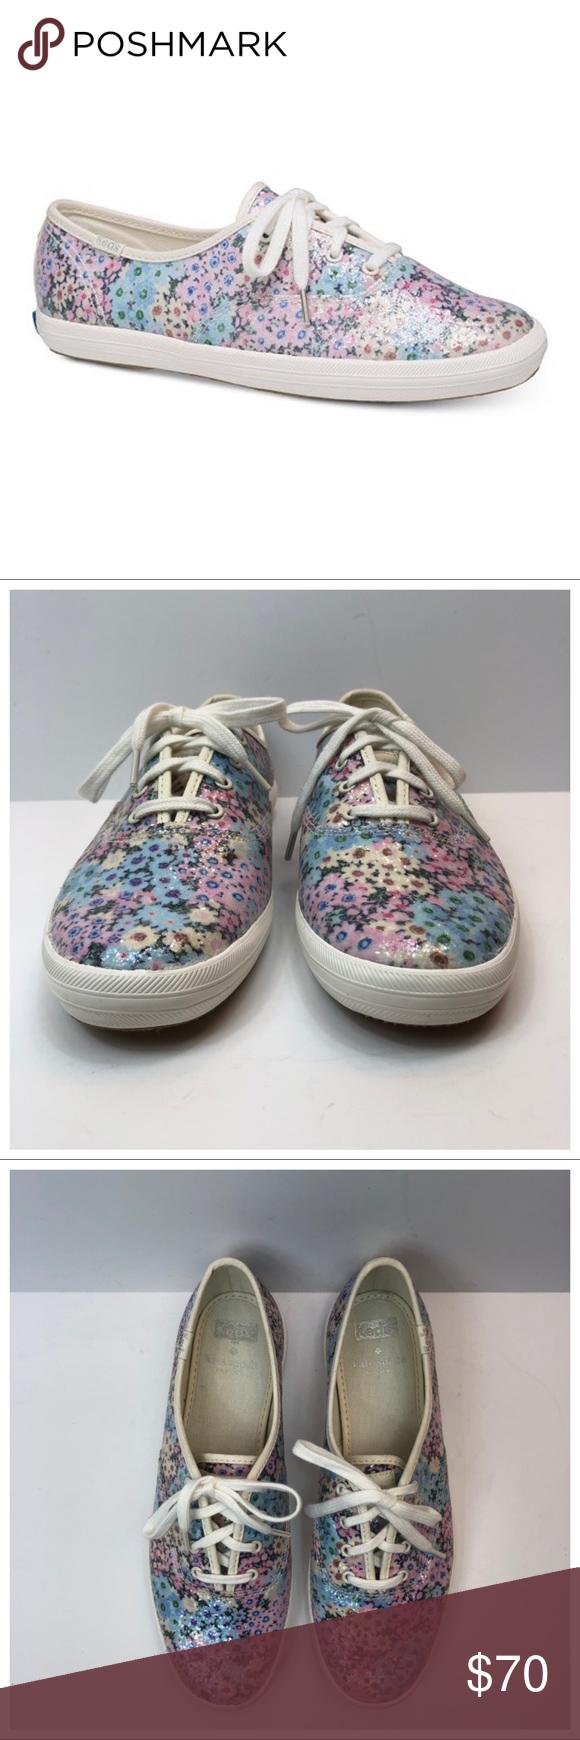 Kate Spade Keds Daisy Garden Sneakers Size 8 Kate Spade Keds Daisy Garden Sneake…